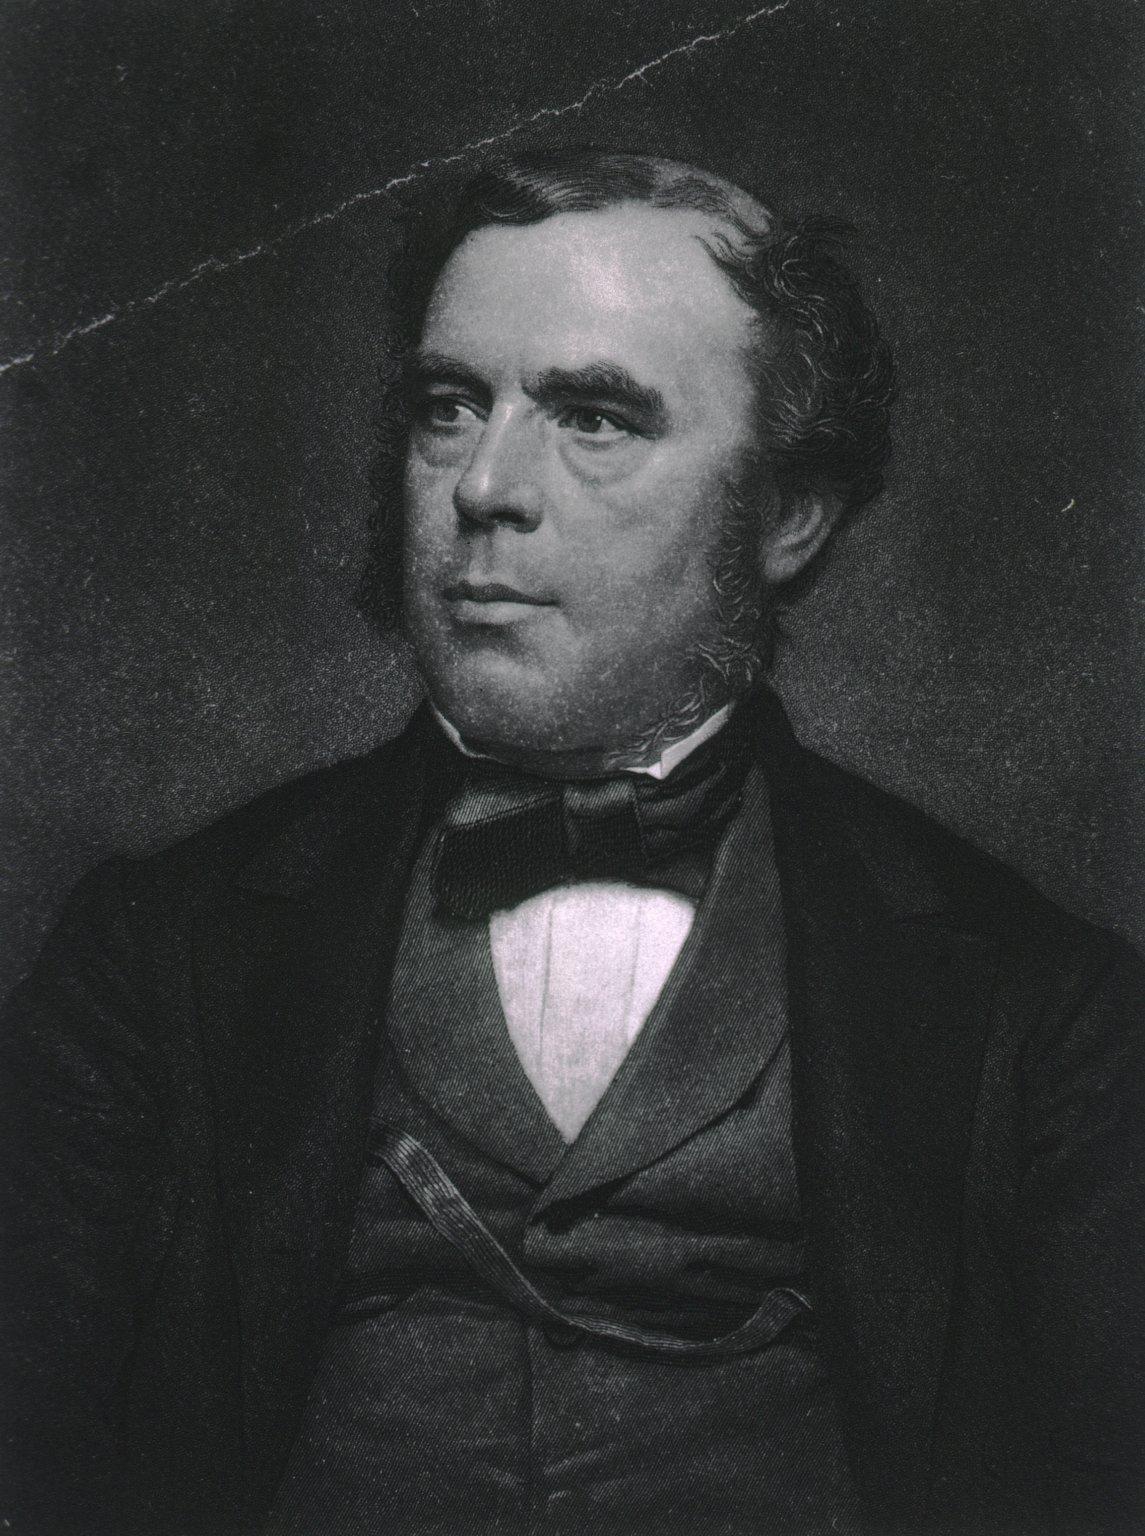 engraving of Draper